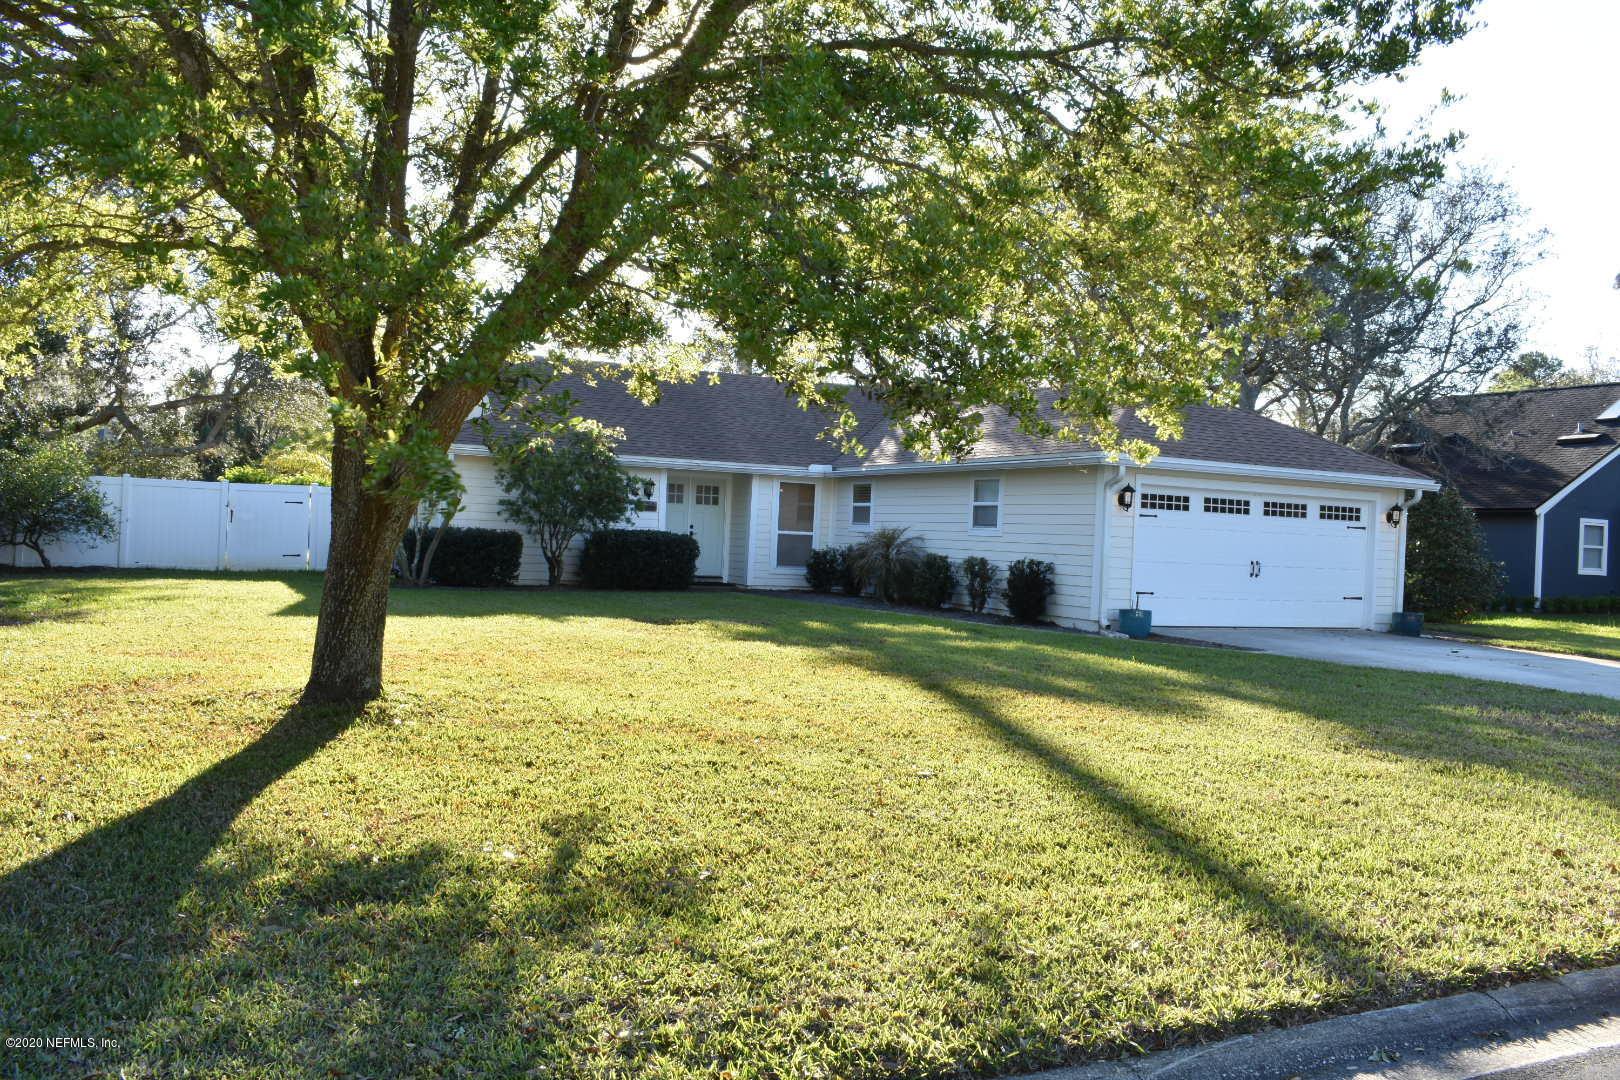 1839 LEEWARD, NEPTUNE BEACH, FLORIDA 32266, 3 Bedrooms Bedrooms, ,2 BathroomsBathrooms,Residential,For sale,LEEWARD,1062126